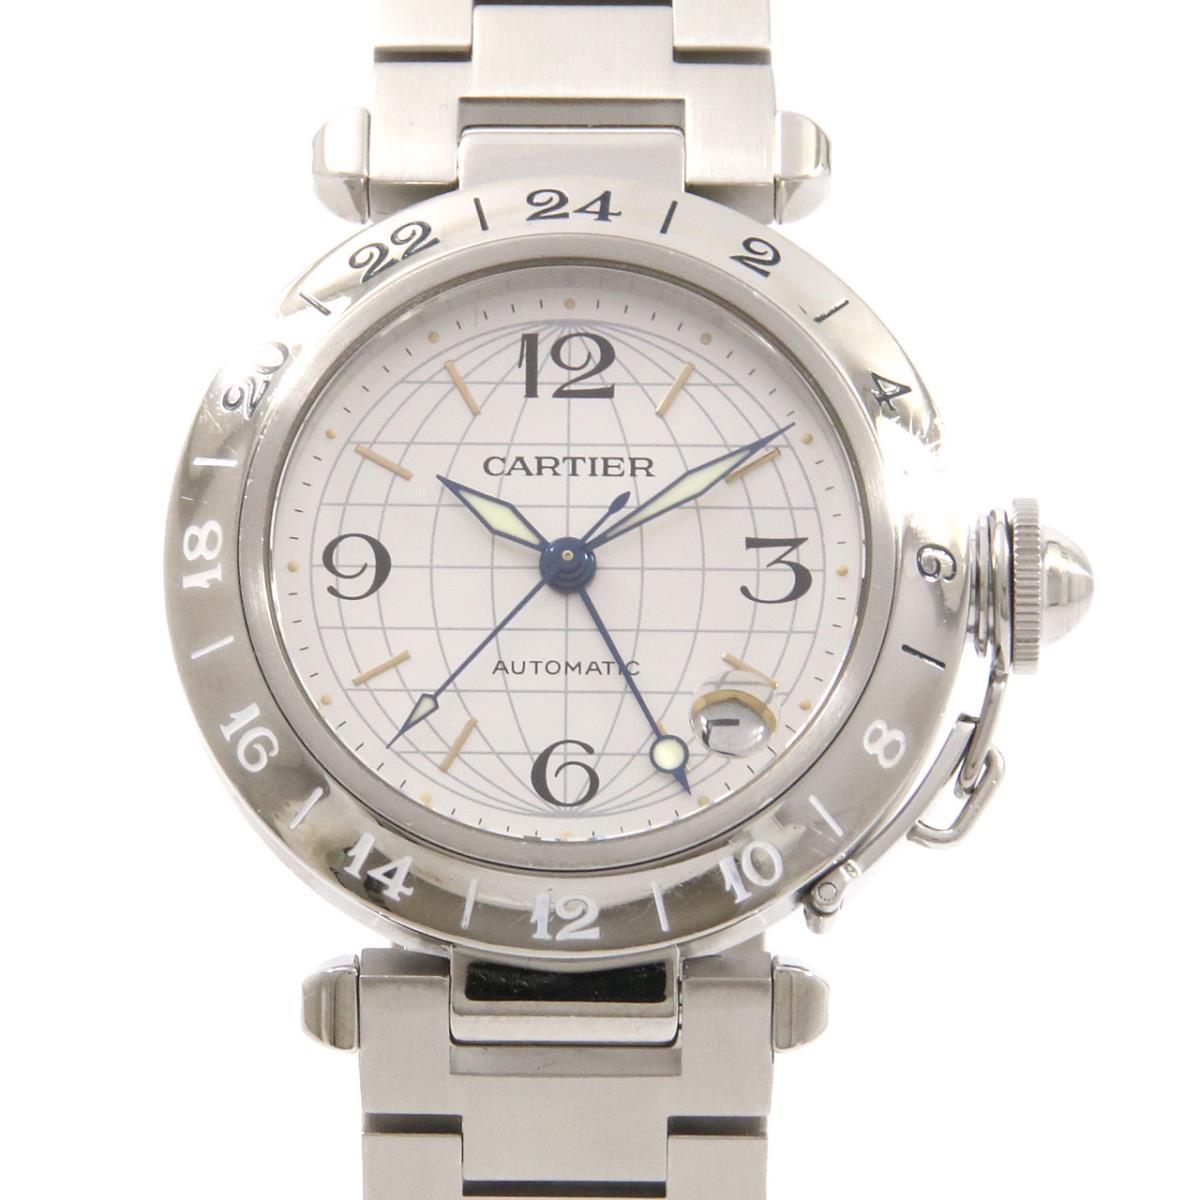 カルティエ W31029M7 パシャC GMT 自動巻